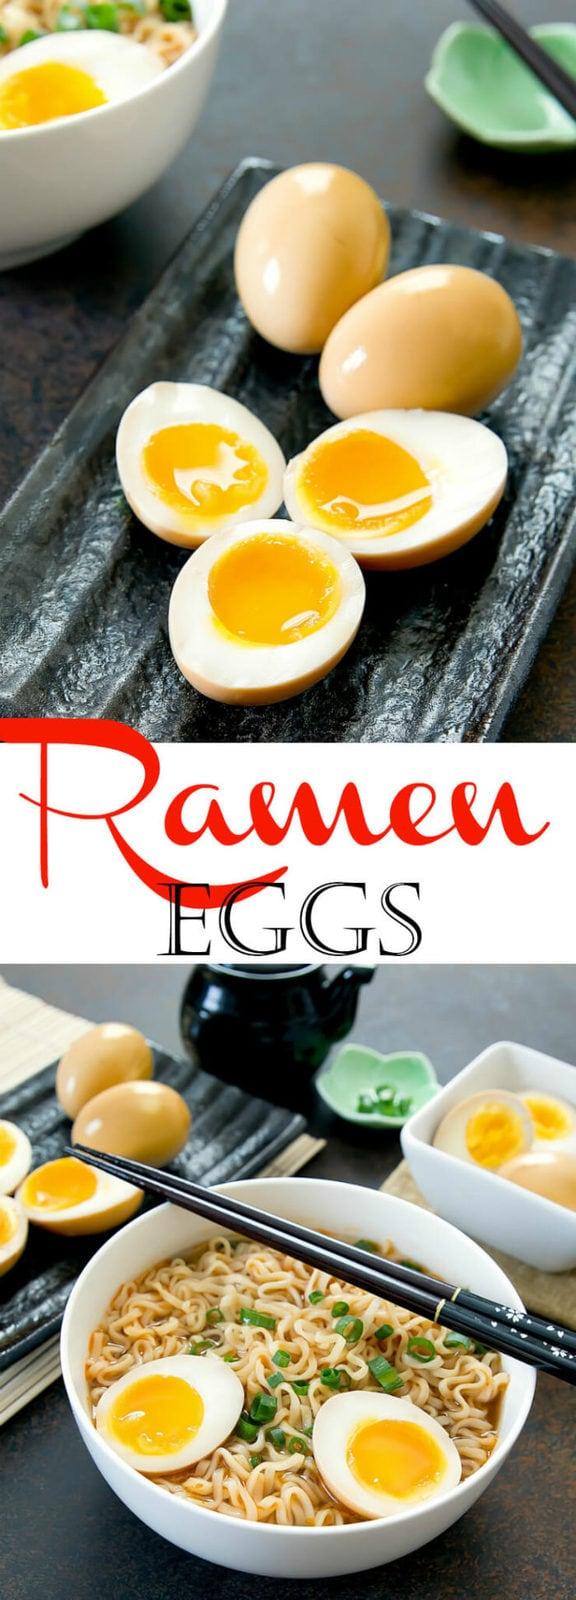 Ramen Eggs